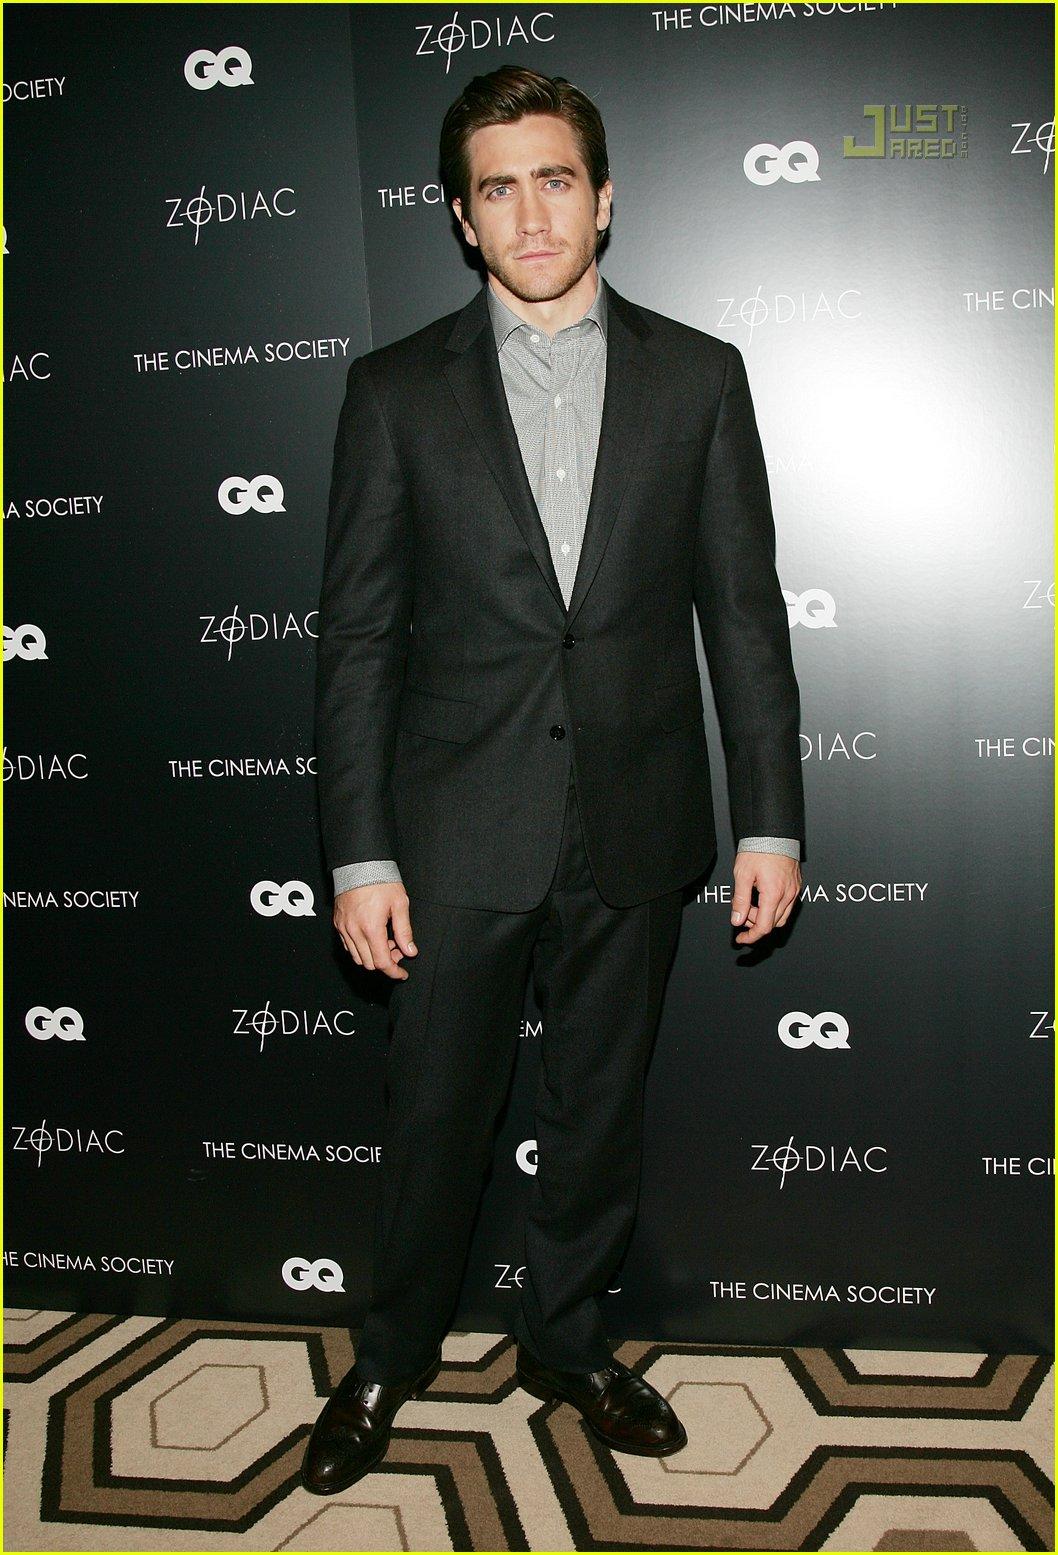 jake gyllenhaal zodiac premiere 022416773